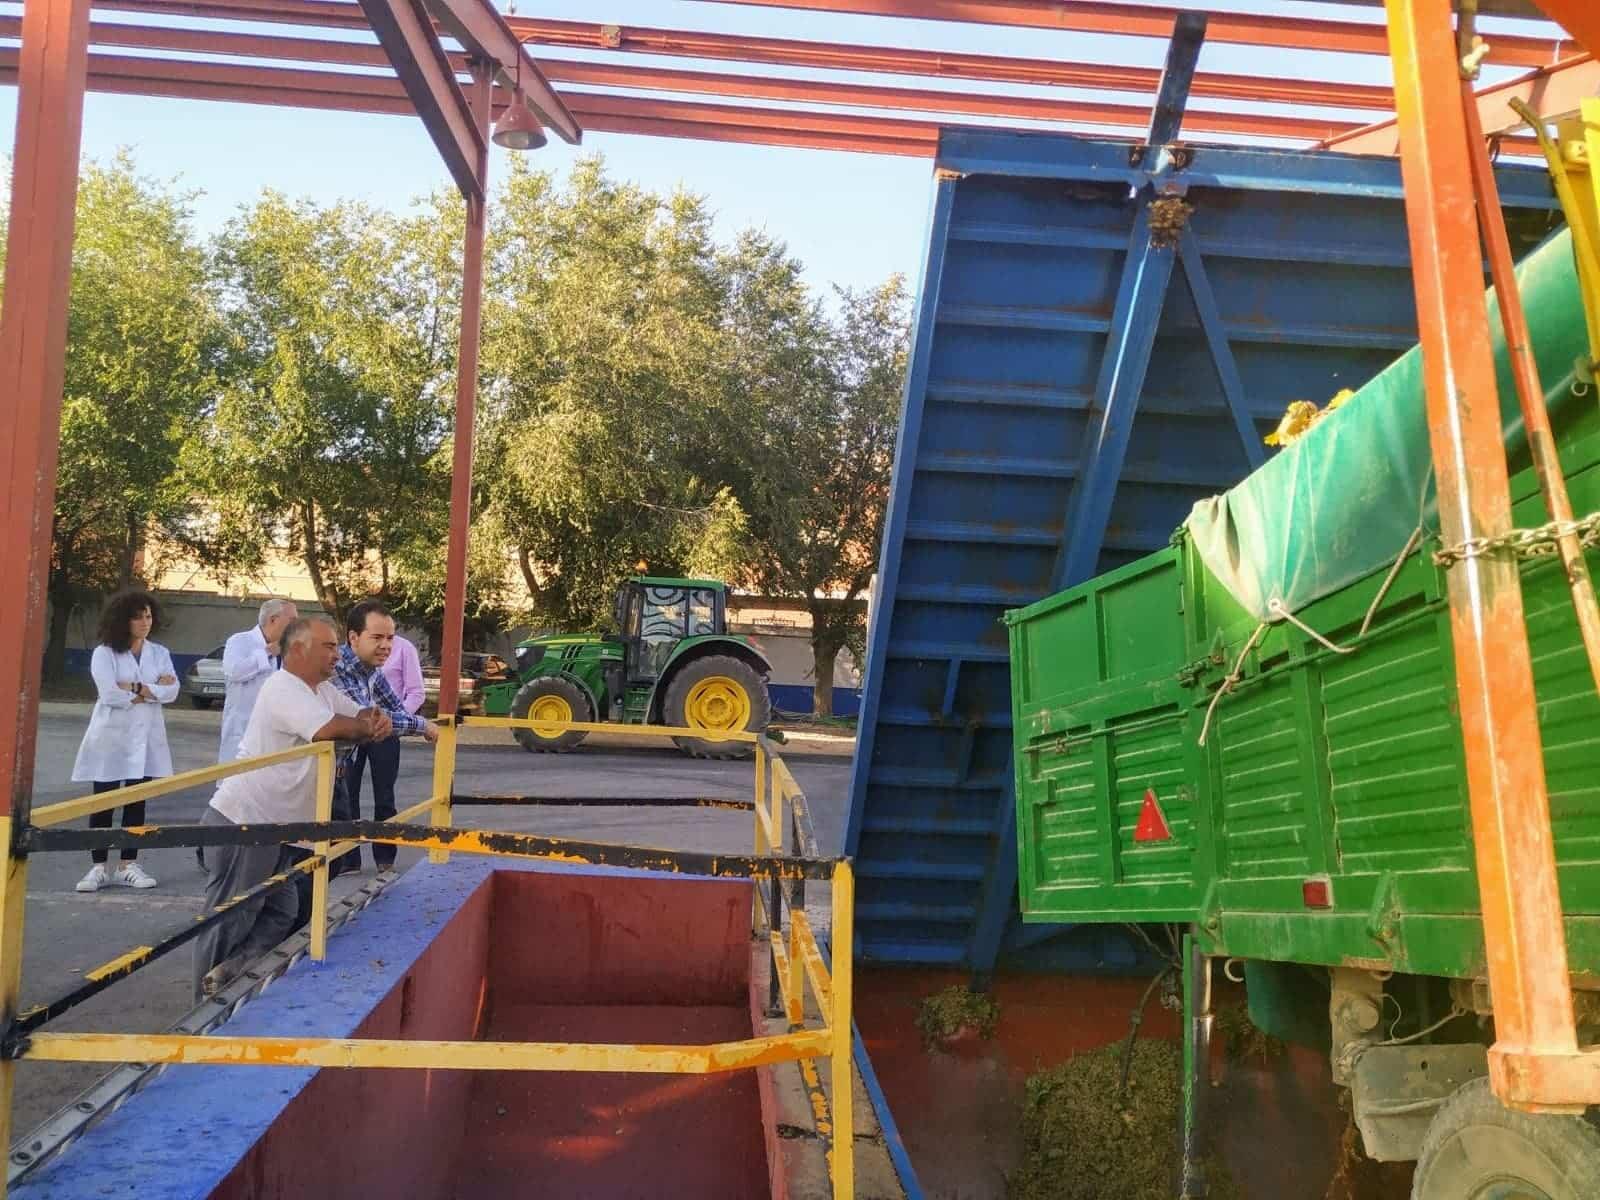 bodegas san jose herencia ecuador vendimia 1 - Bodegas San José en el ecuador de la campaña de vendimia en Herencia